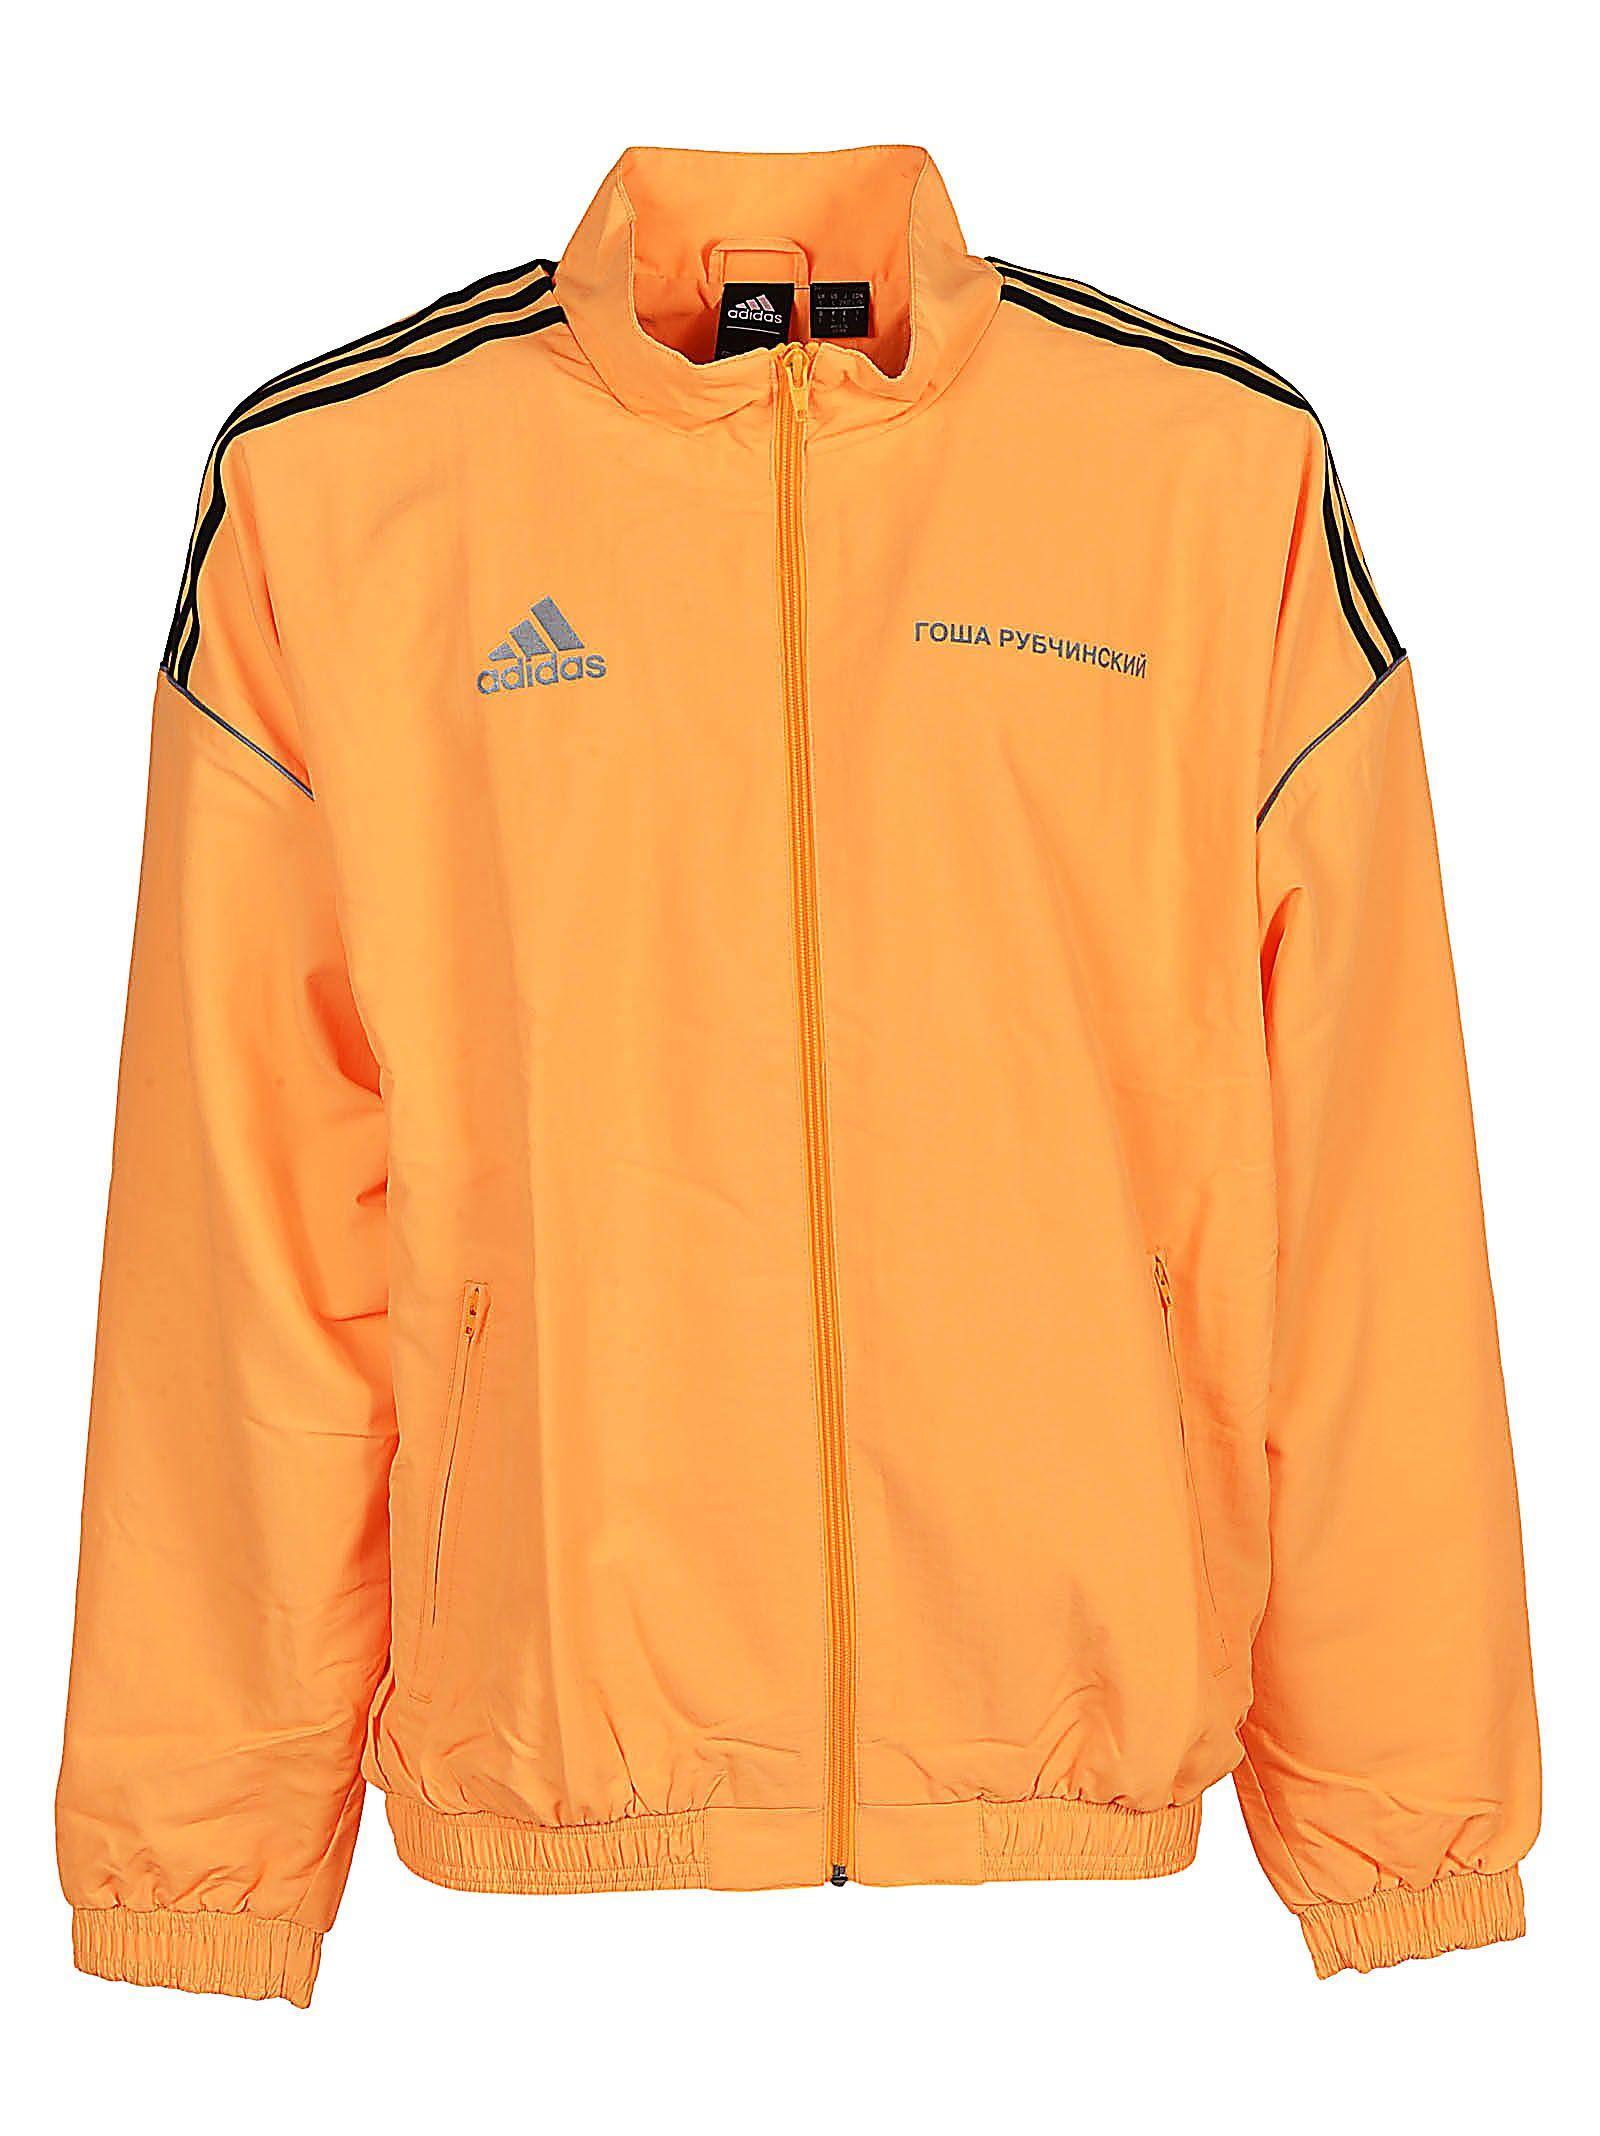 Gosha Rubchinskiy X Adidas Zipped Track Jacket In Orange